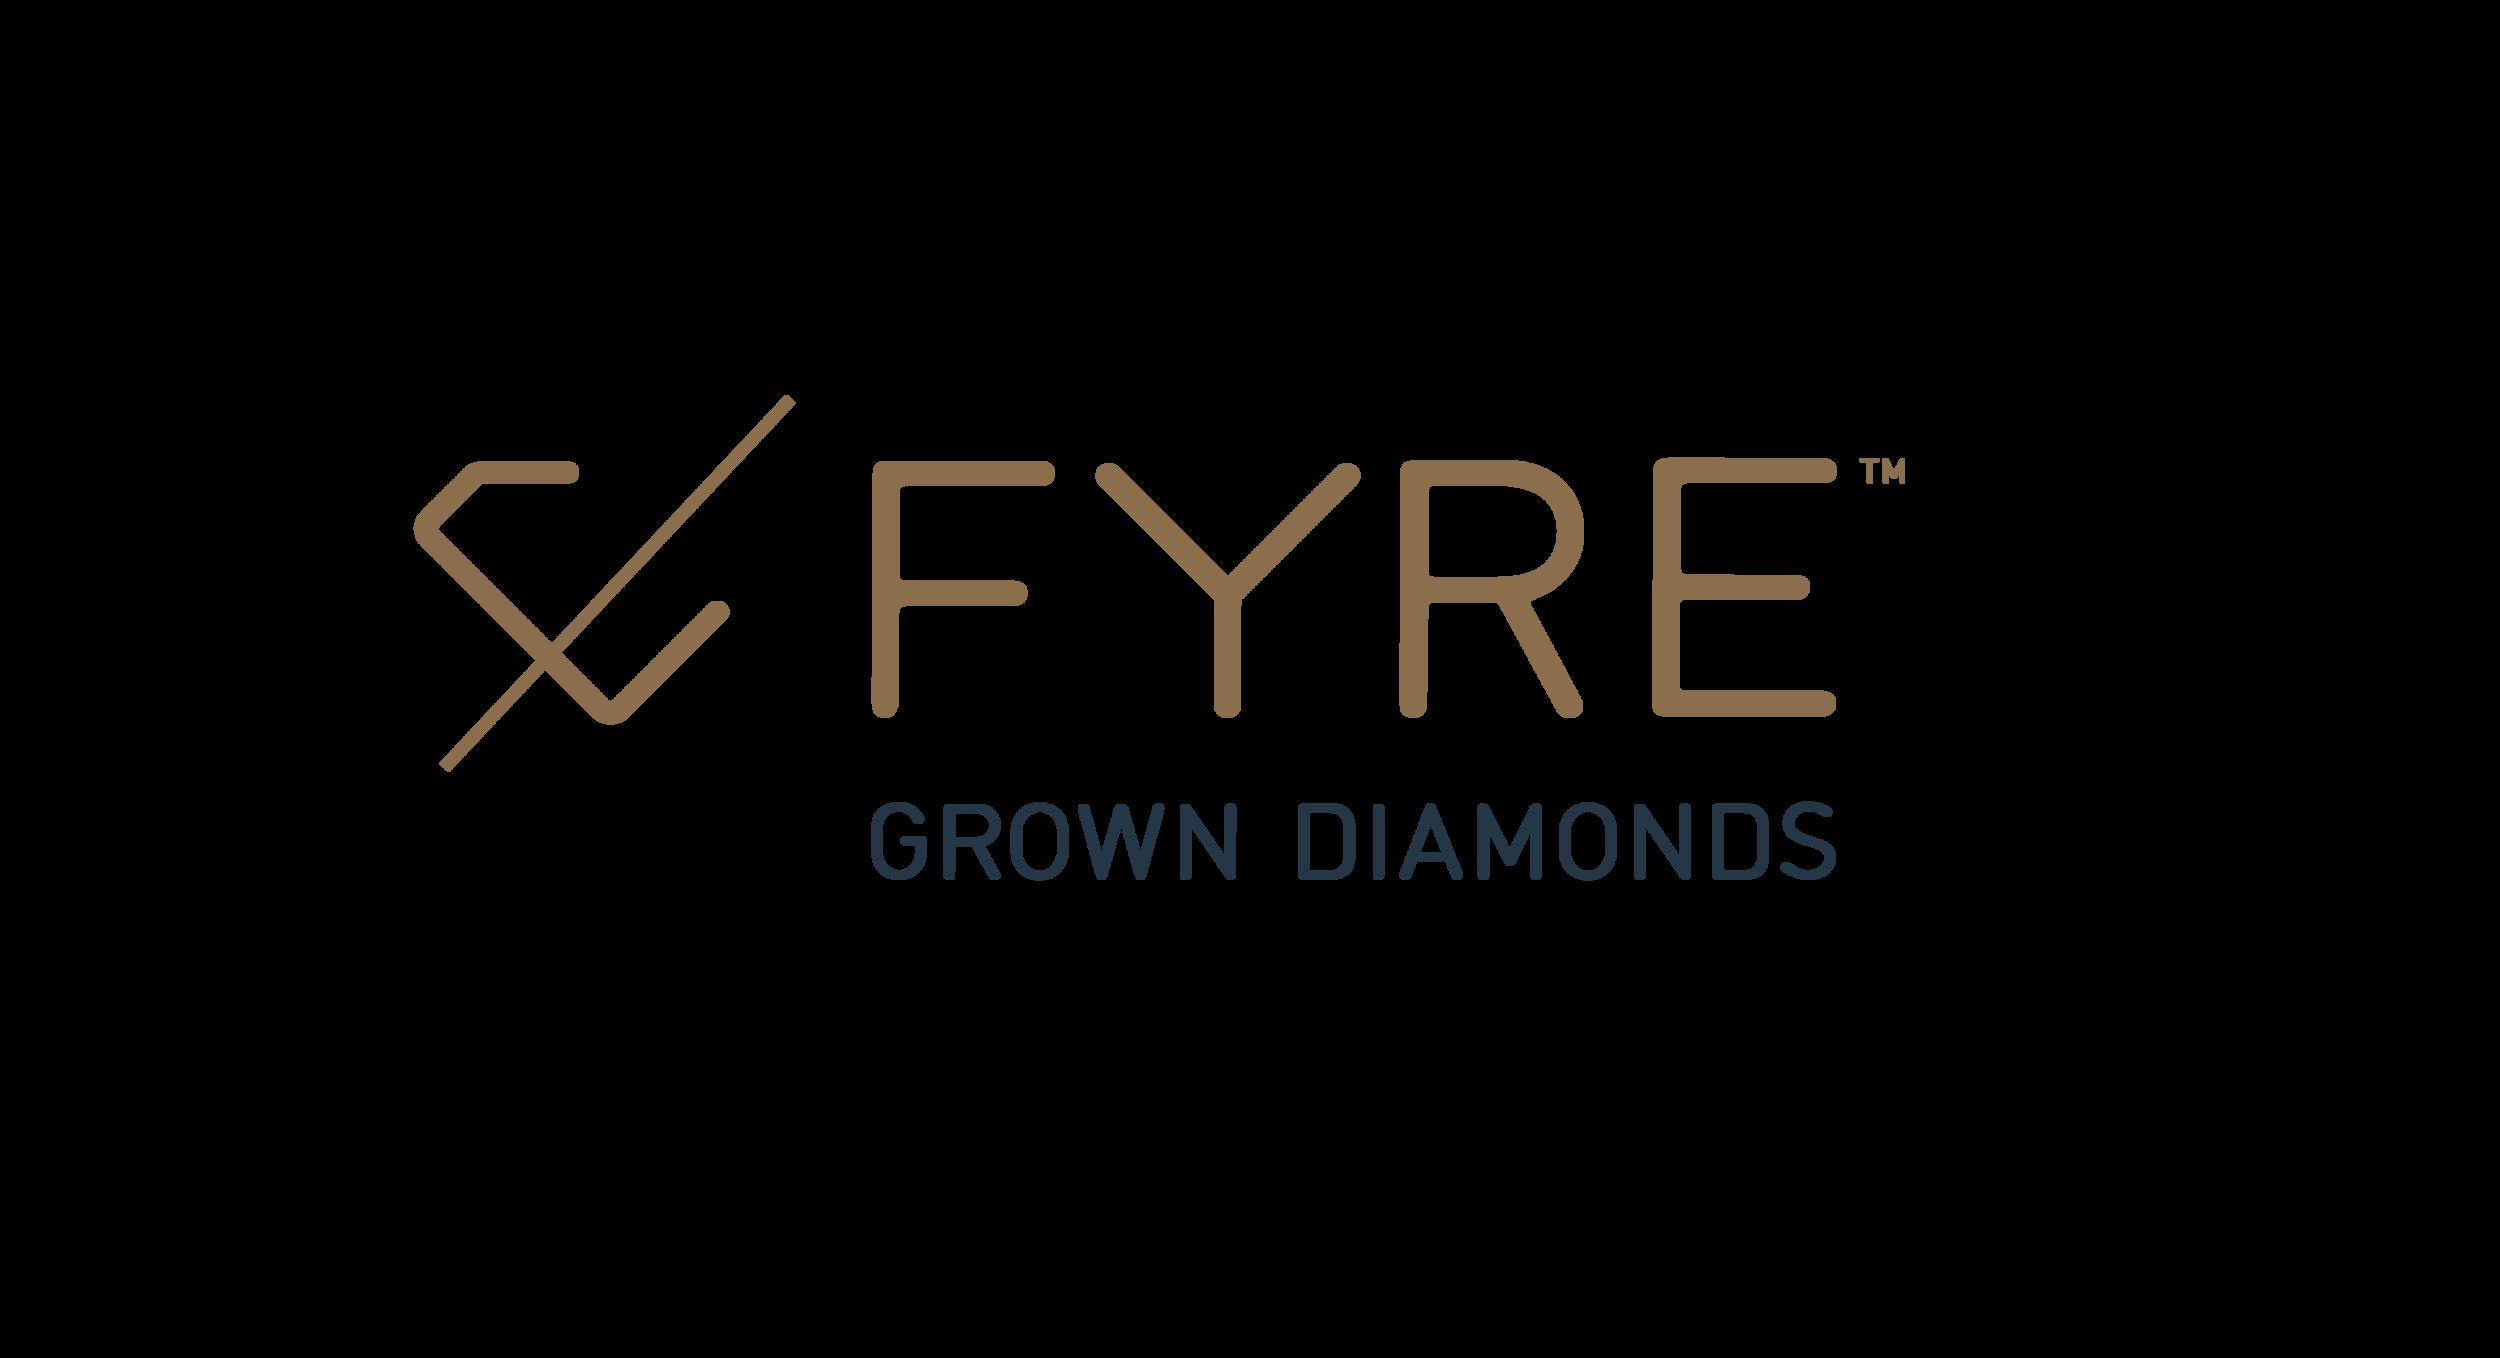 FYRE_logo_FINAL.png